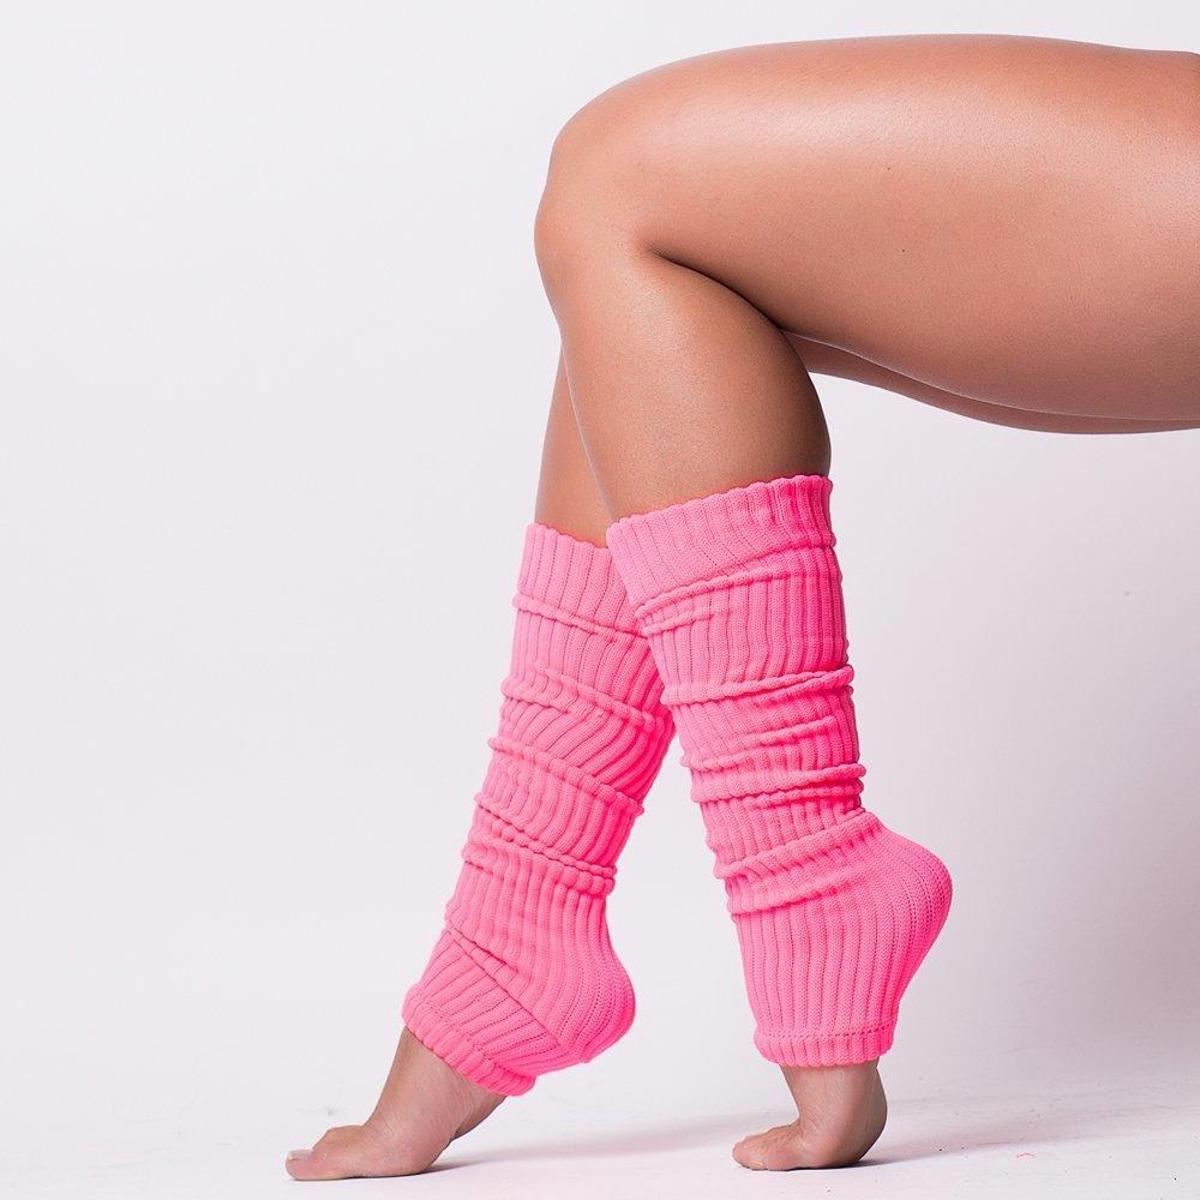 Polaina Fitness Ballet Neon Fashion FB115E - Compre Agora  d68ff95d554